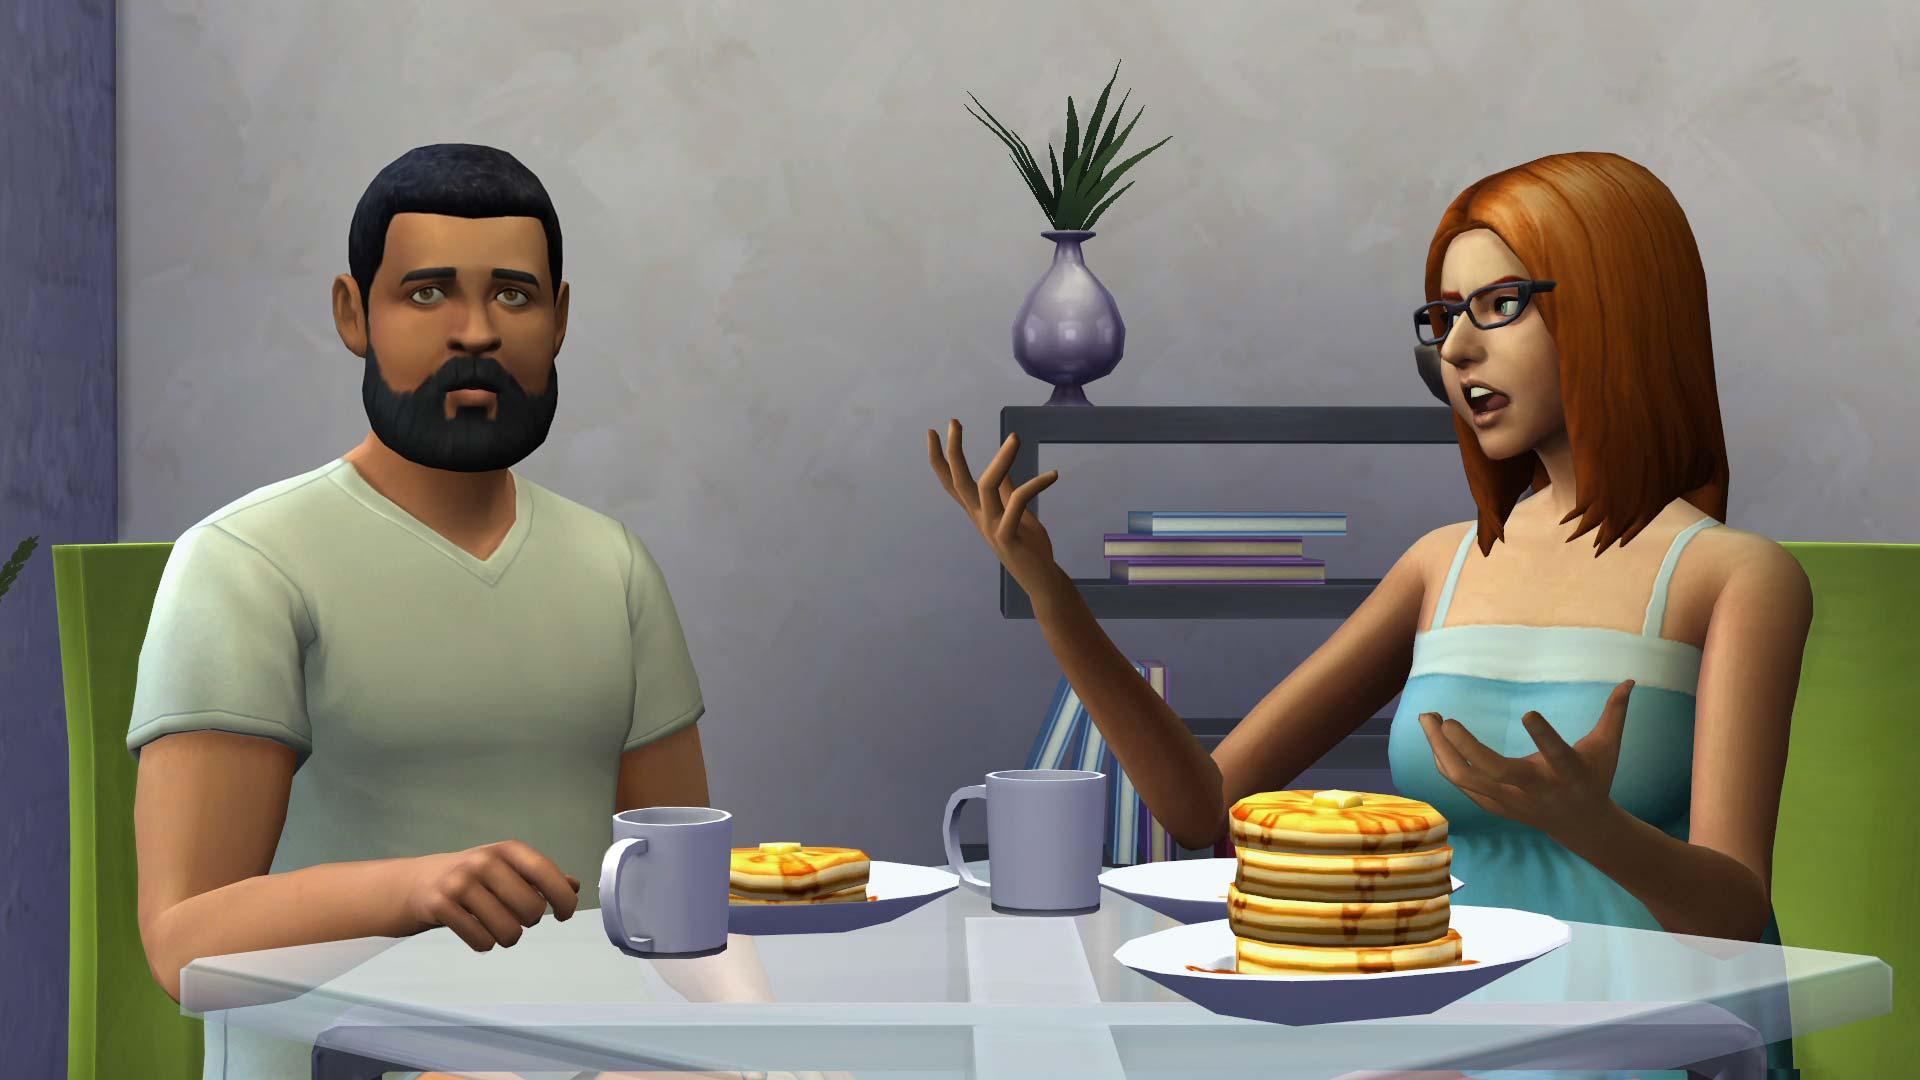 The Sims 4 - Галерея - Стильные новости, фото и видео о игре симс